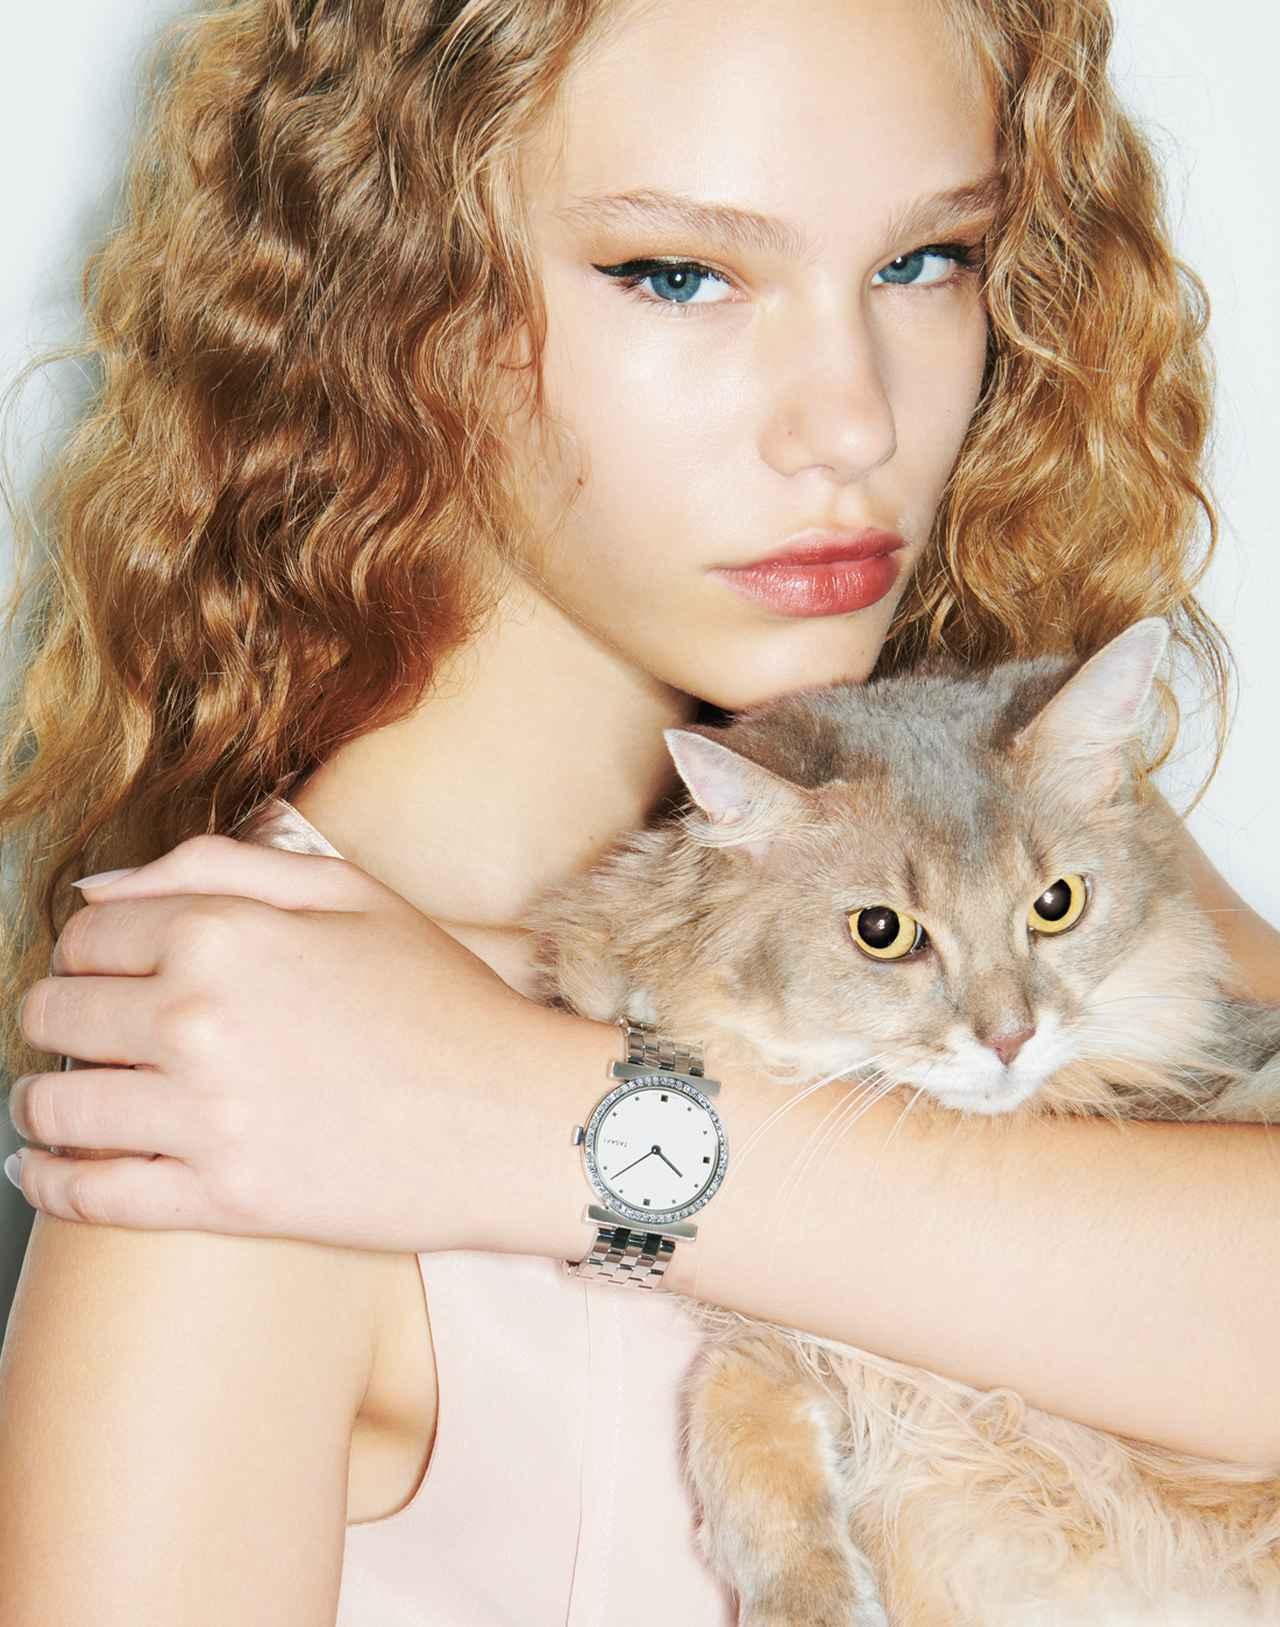 Images : 3番目の画像 - 「しなやかさとタフネスと。 美しき機械式時計」のアルバム - T JAPAN:The New York Times Style Magazine 公式サイト